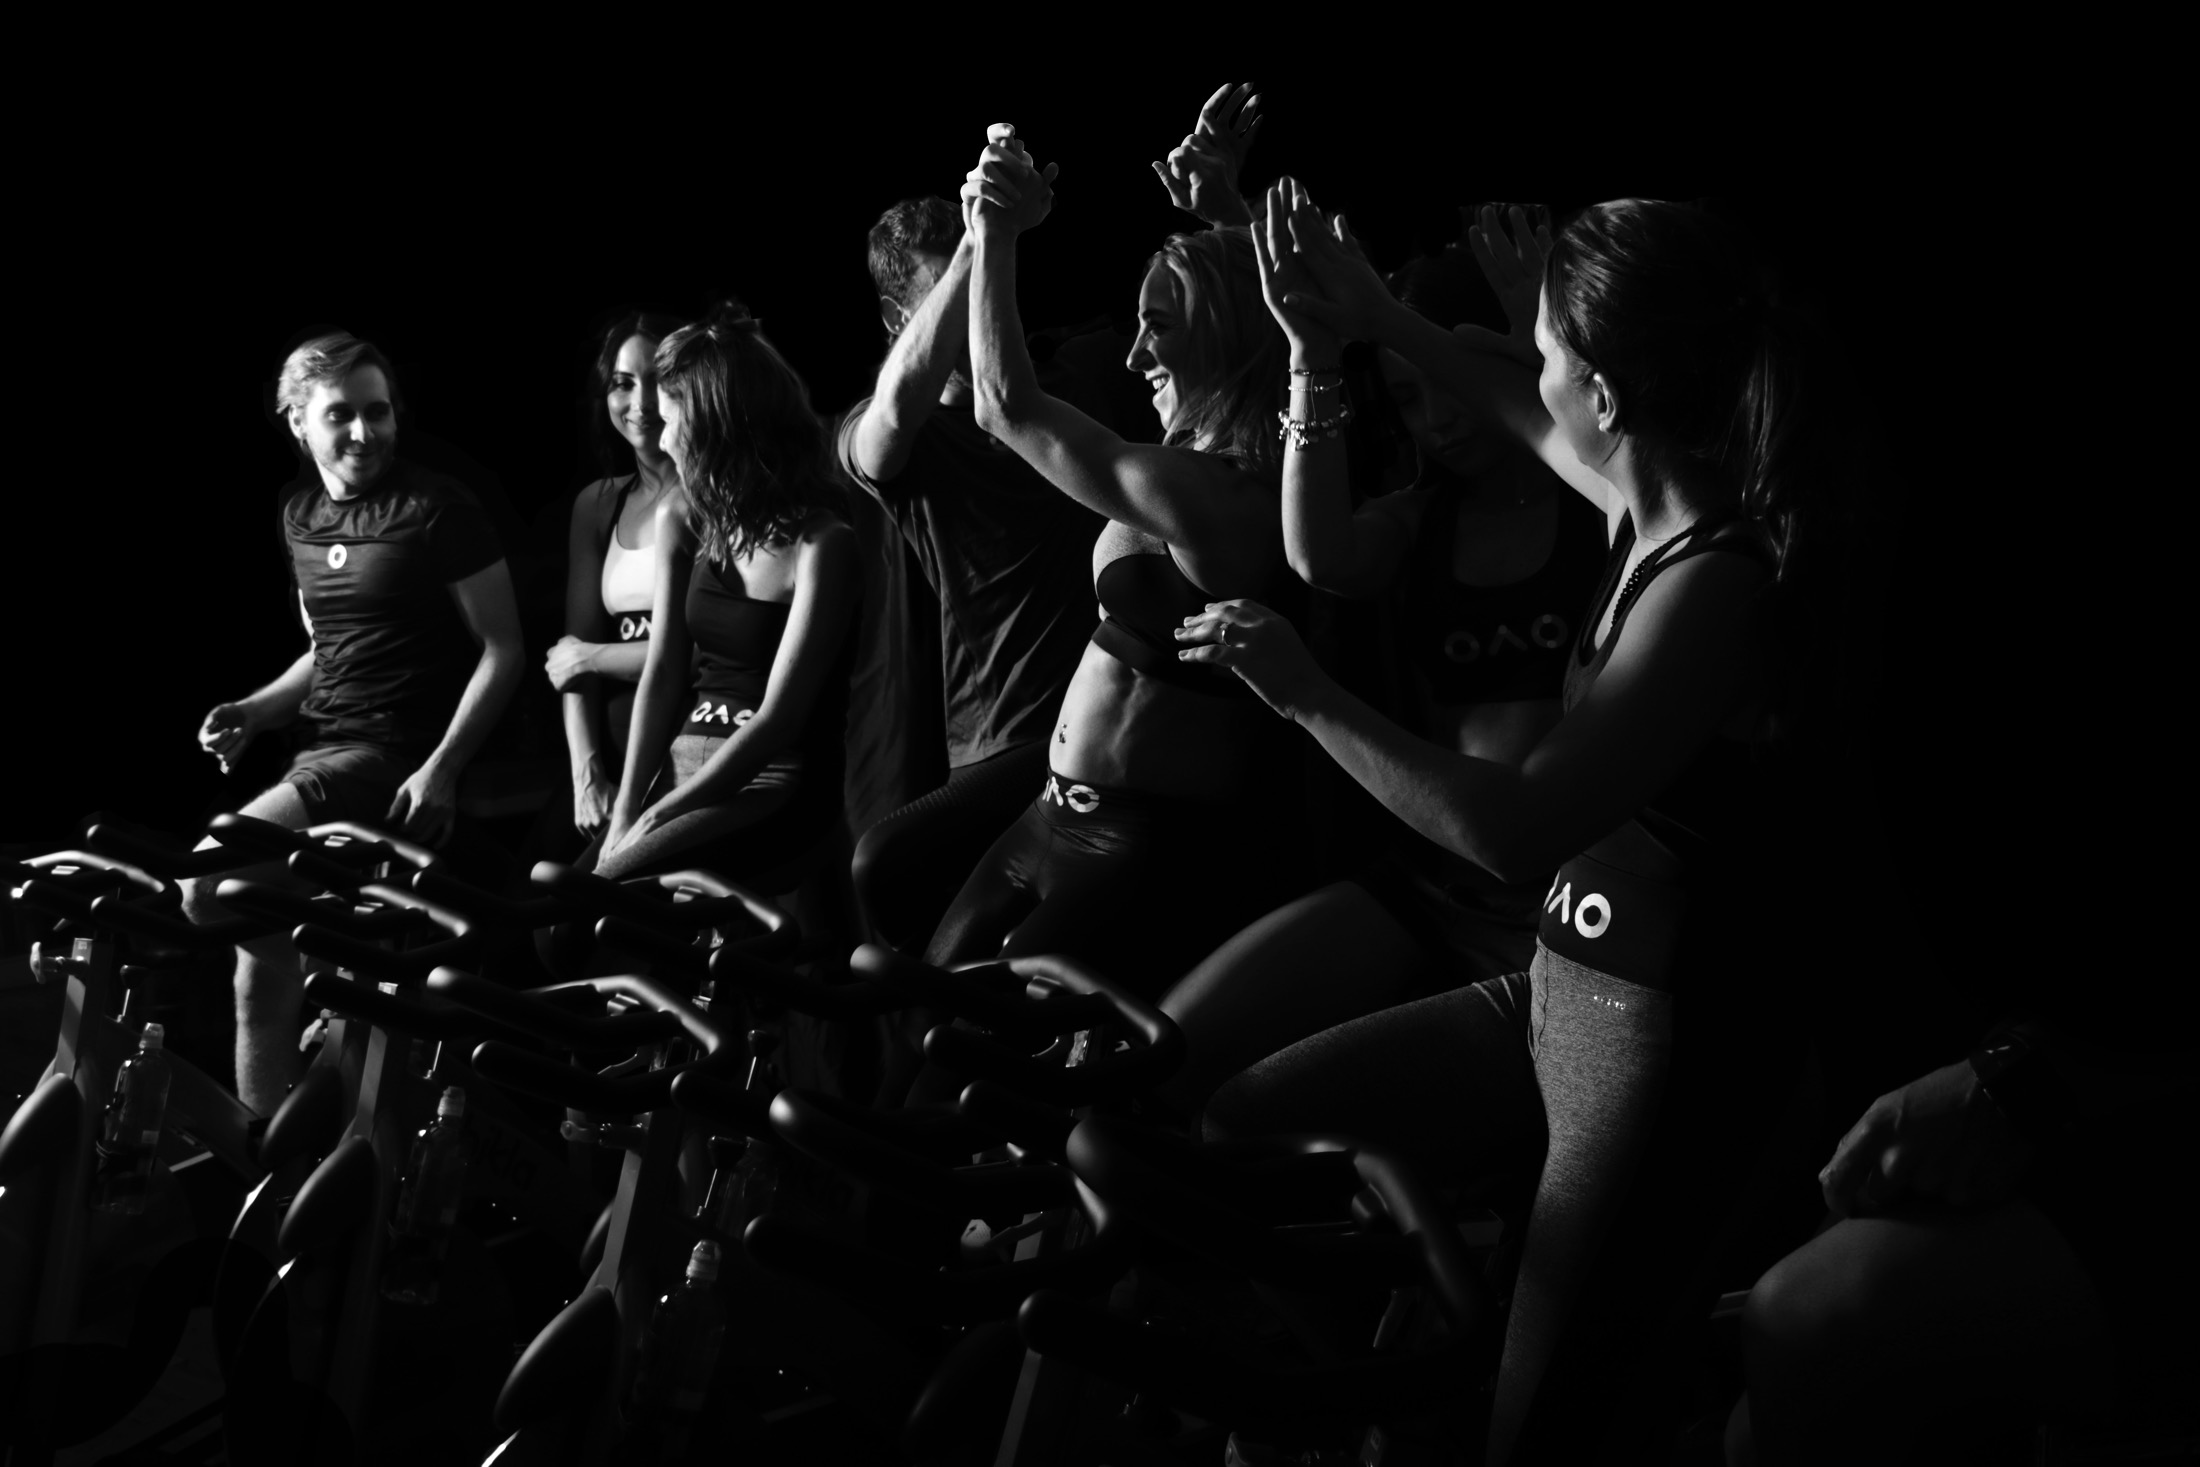 ¿Hacer ejercicio te resulta aburrido? Bikla cambiará eso para siempre